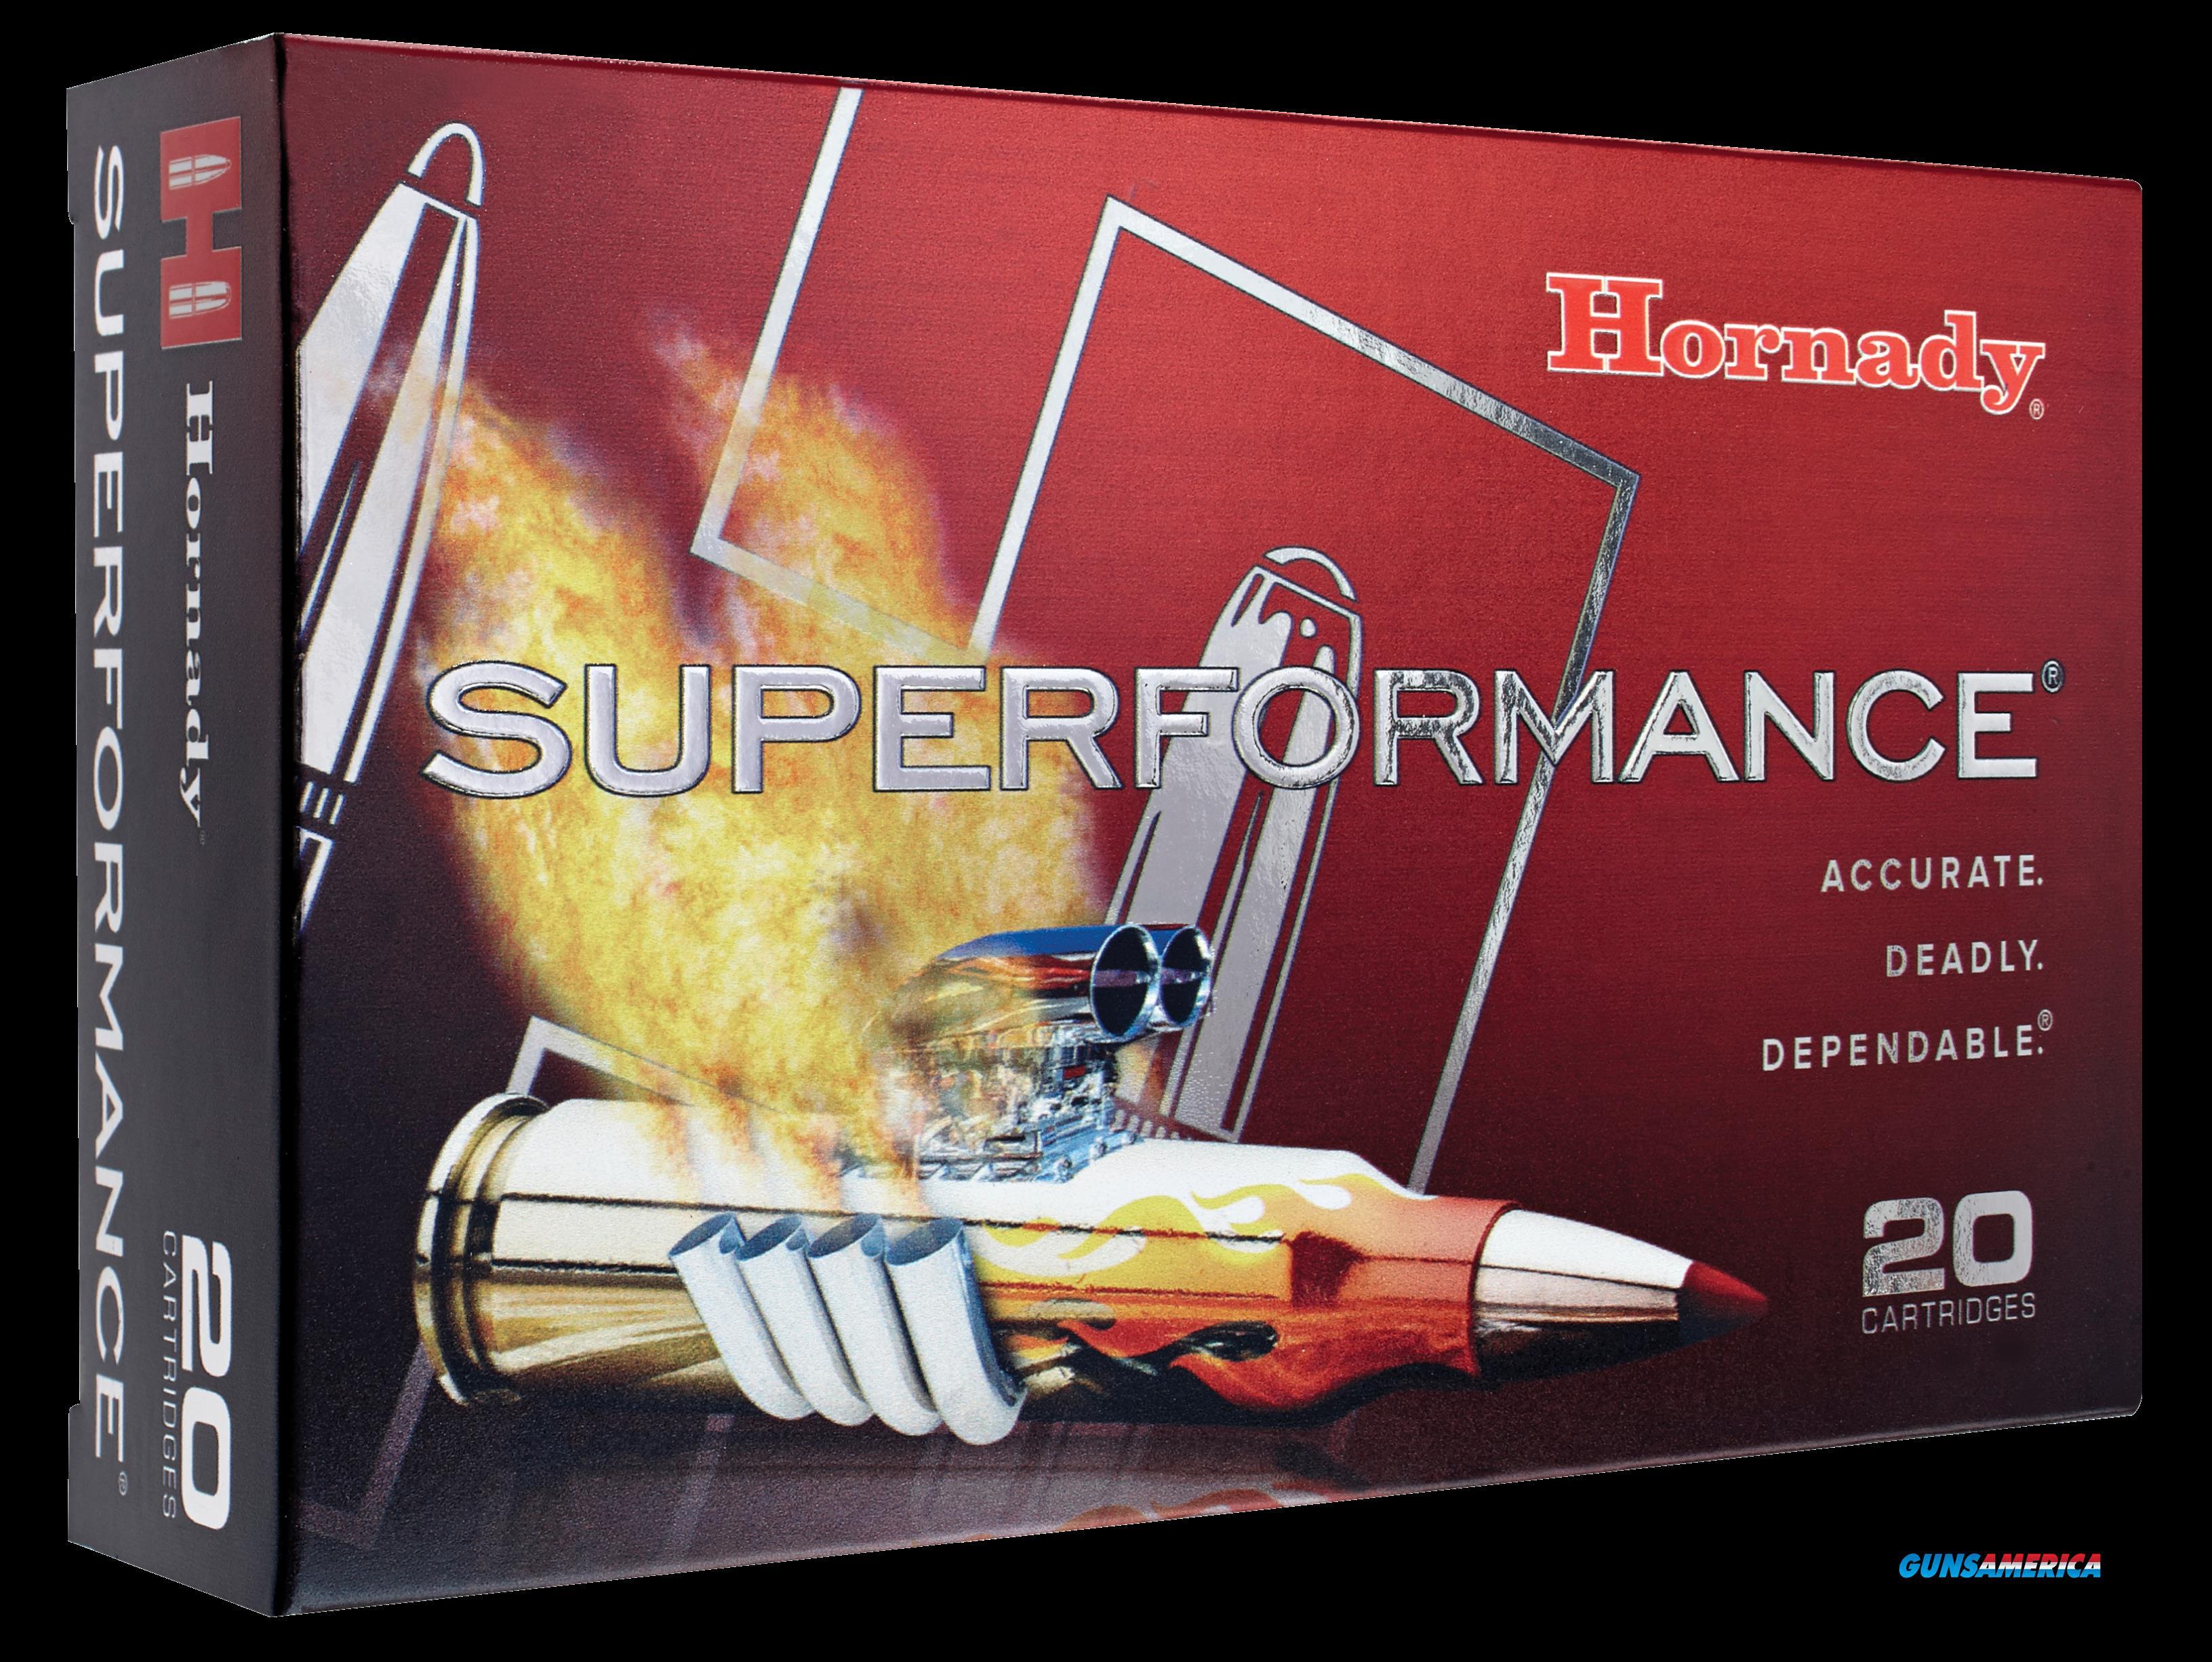 Hornady Superformance, Horn 80563 270 Win 140 Sst Sf    20-10  Guns > Pistols > 1911 Pistol Copies (non-Colt)